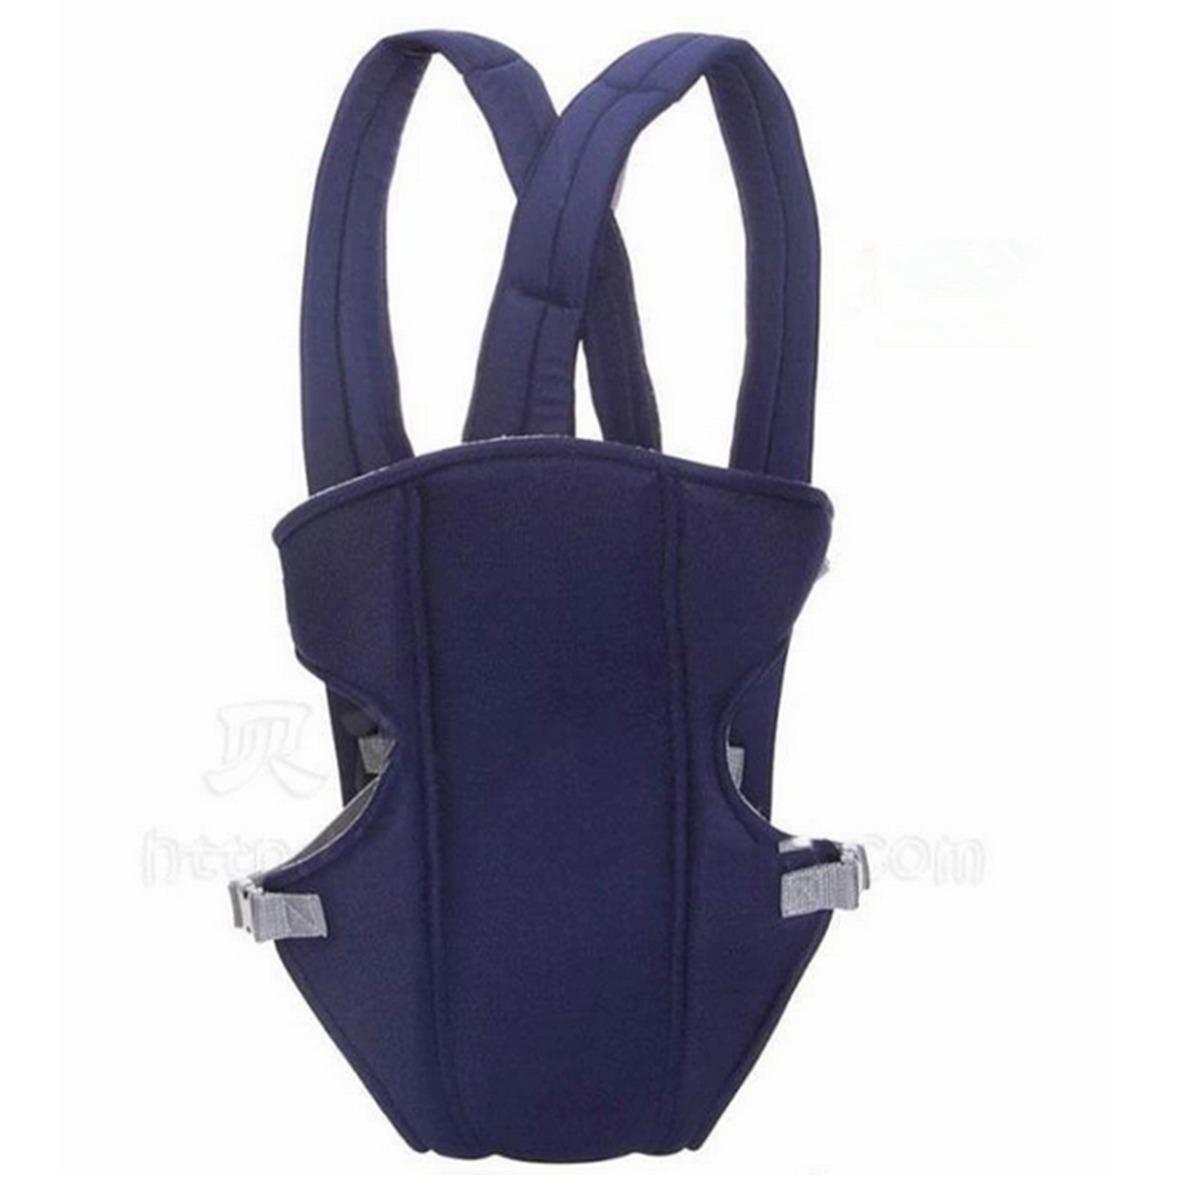 Newborn Kid Infant Baby Carrier Backpack Front Back Rider Sling Comfort Wrap Bag (blue)